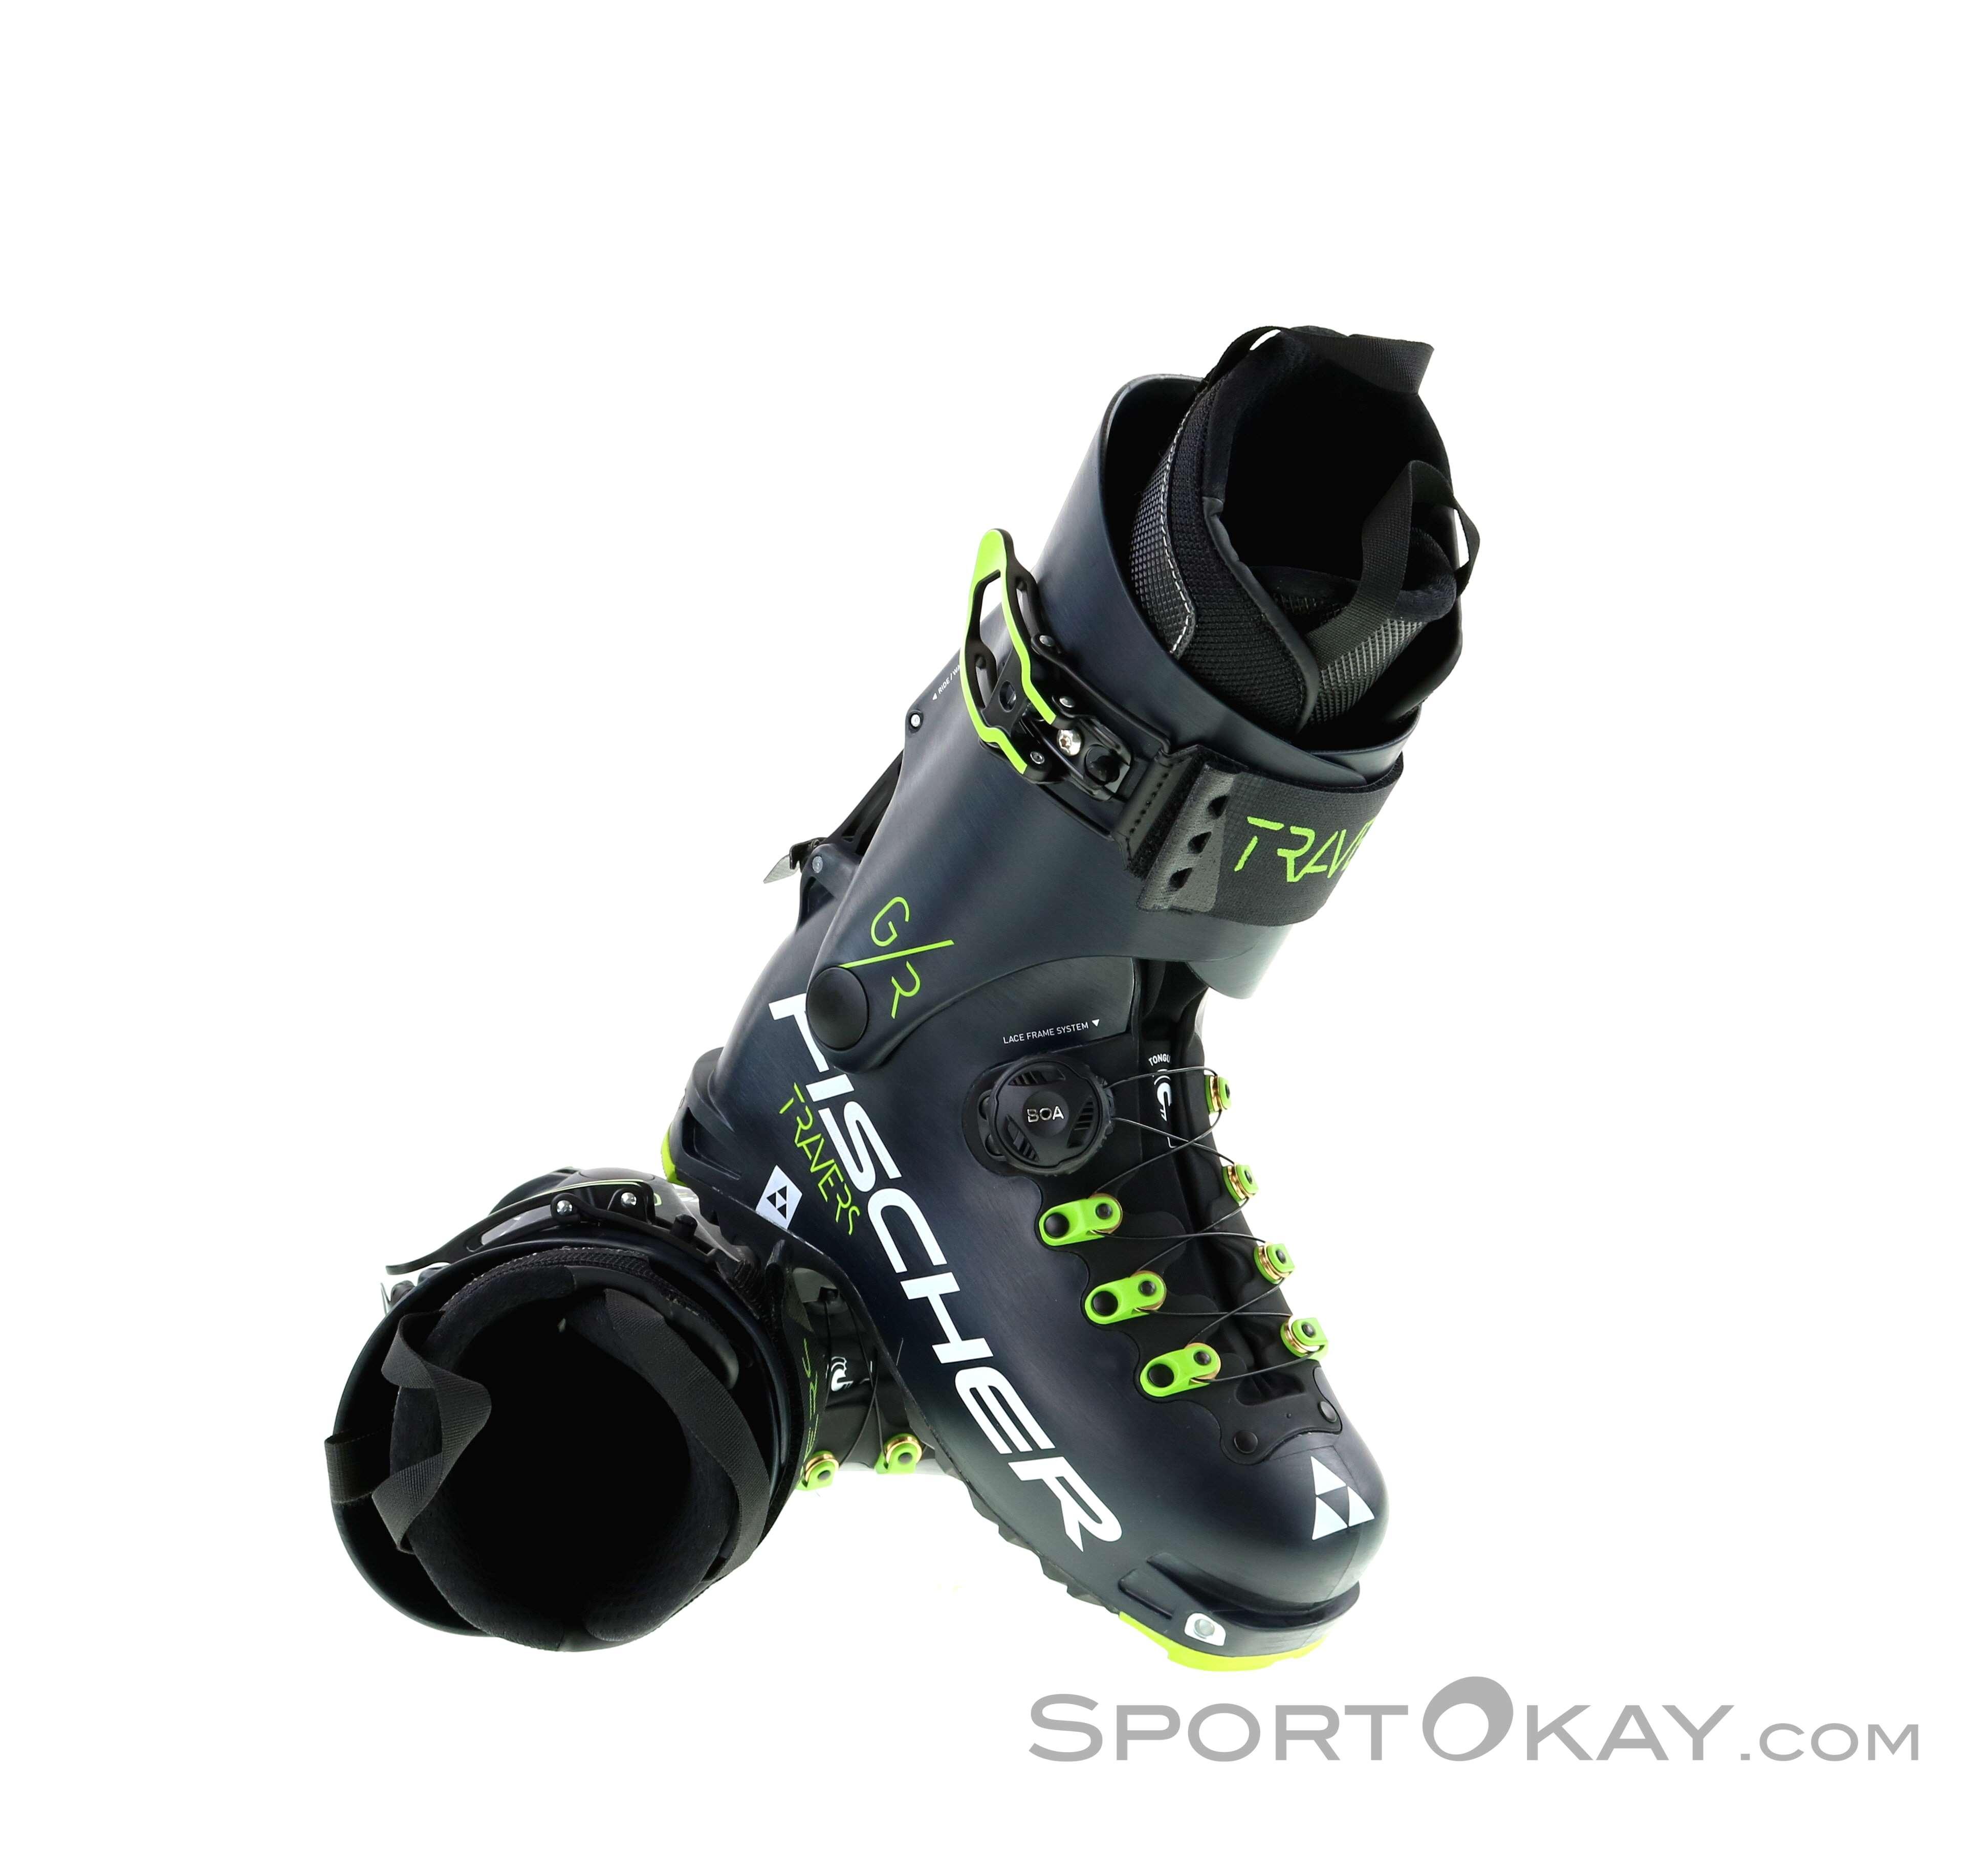 Fischer Travers GR Ski Touring Boots Ski Touring Boots JO2kK